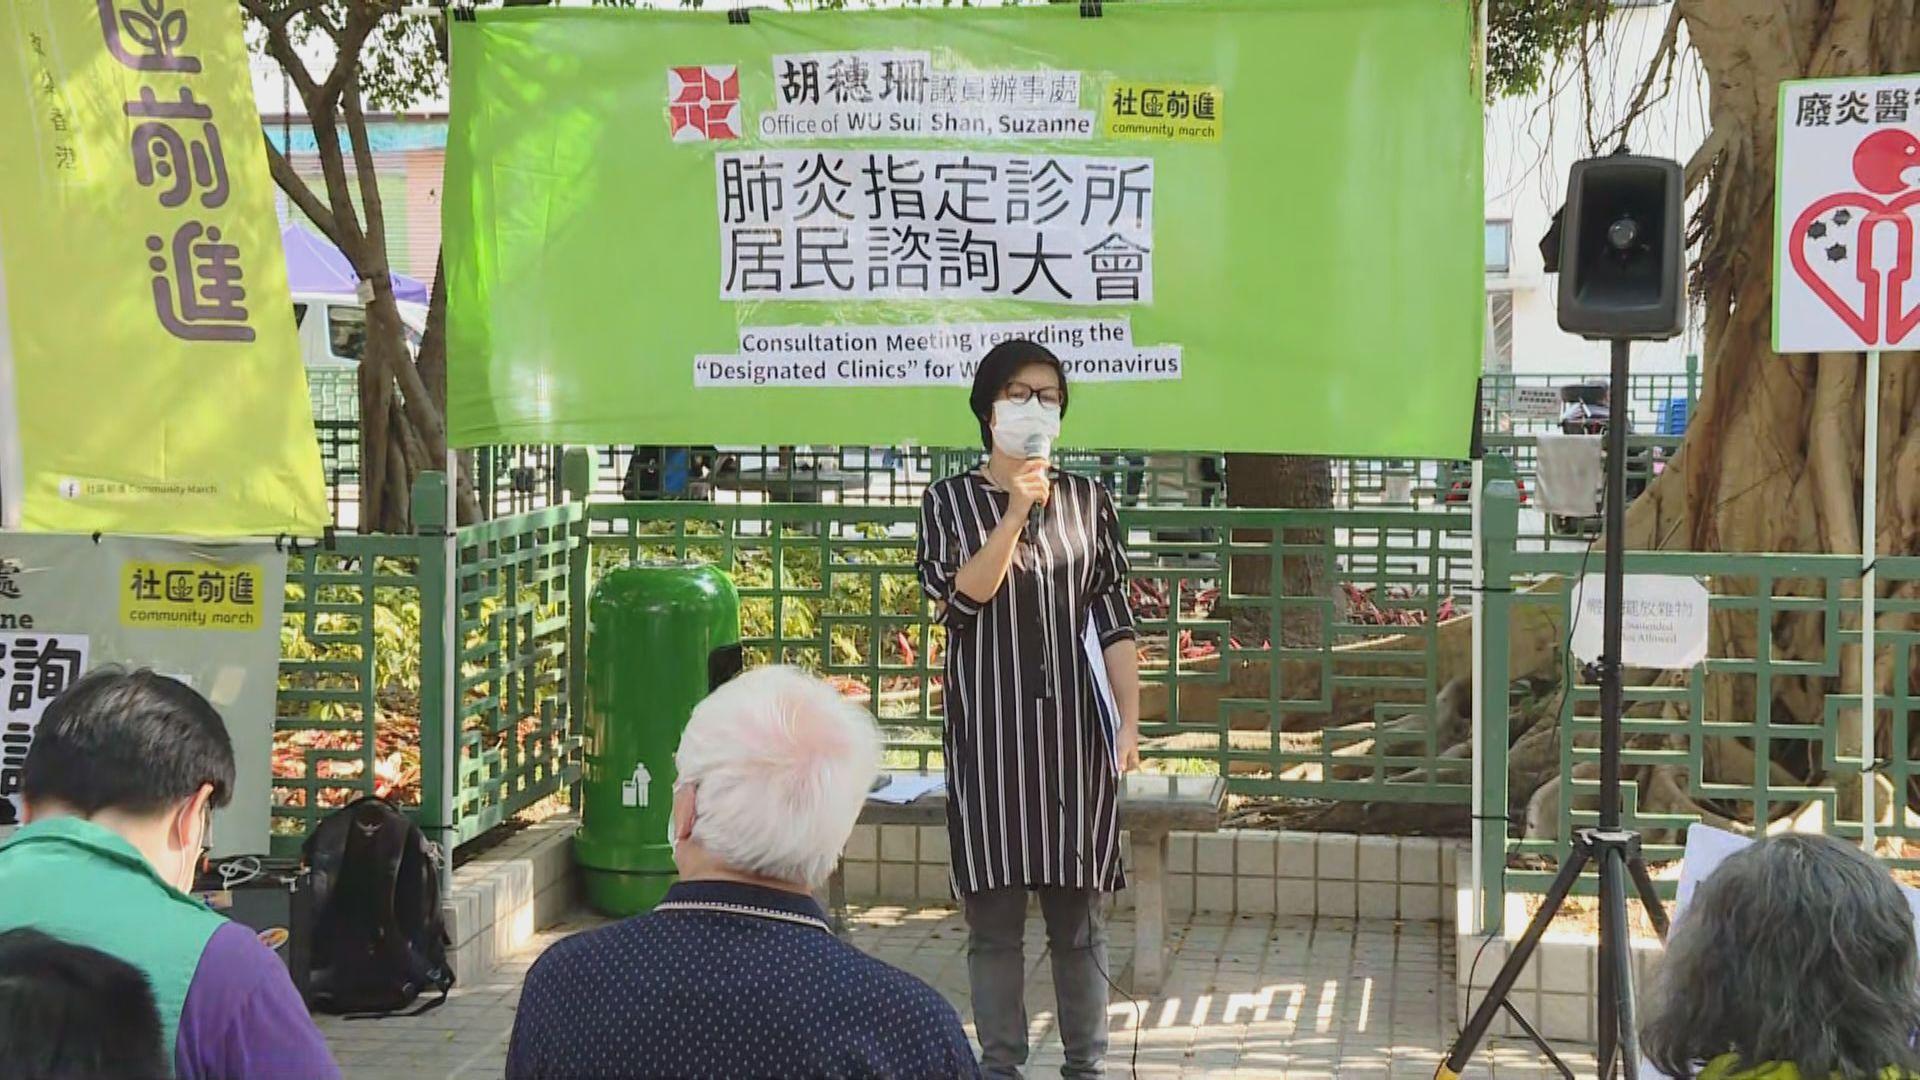 油麻地居民遊行反對區內設指定診所